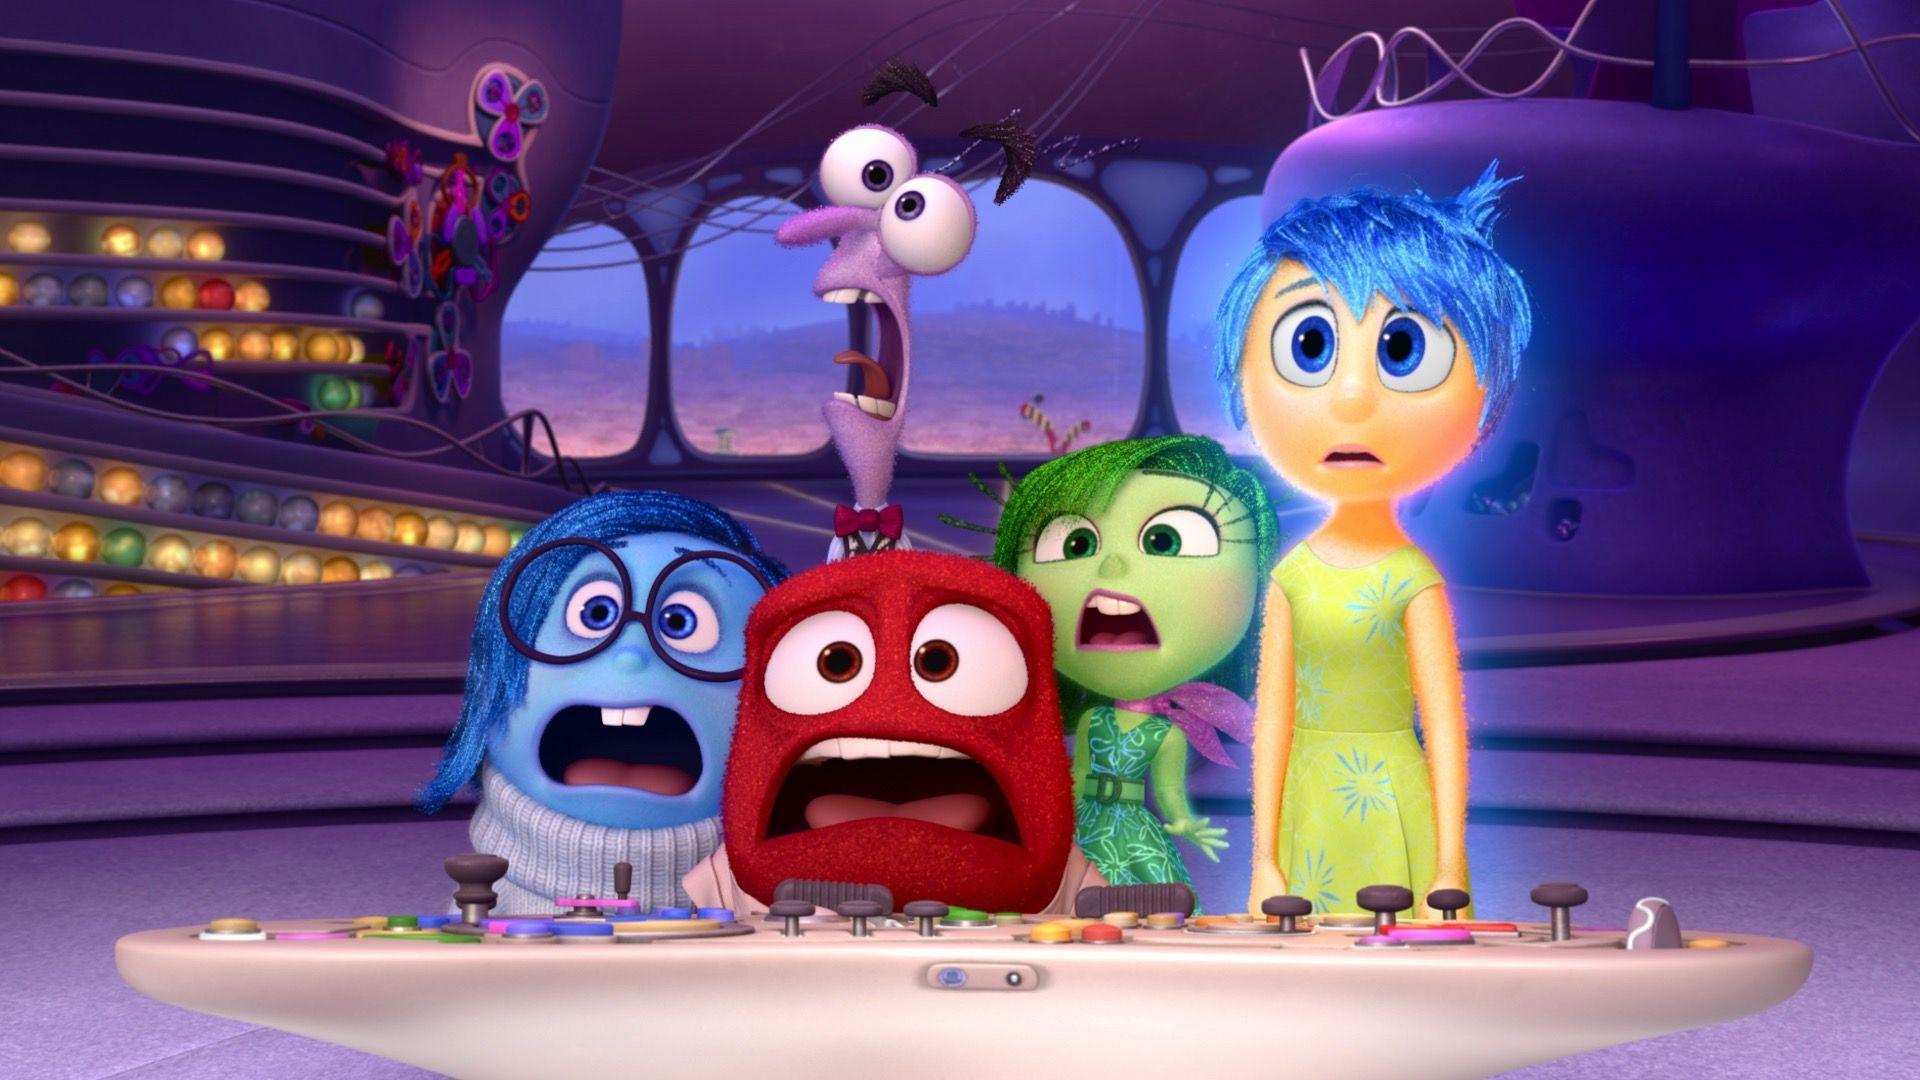 Credit: Disney/Pixar